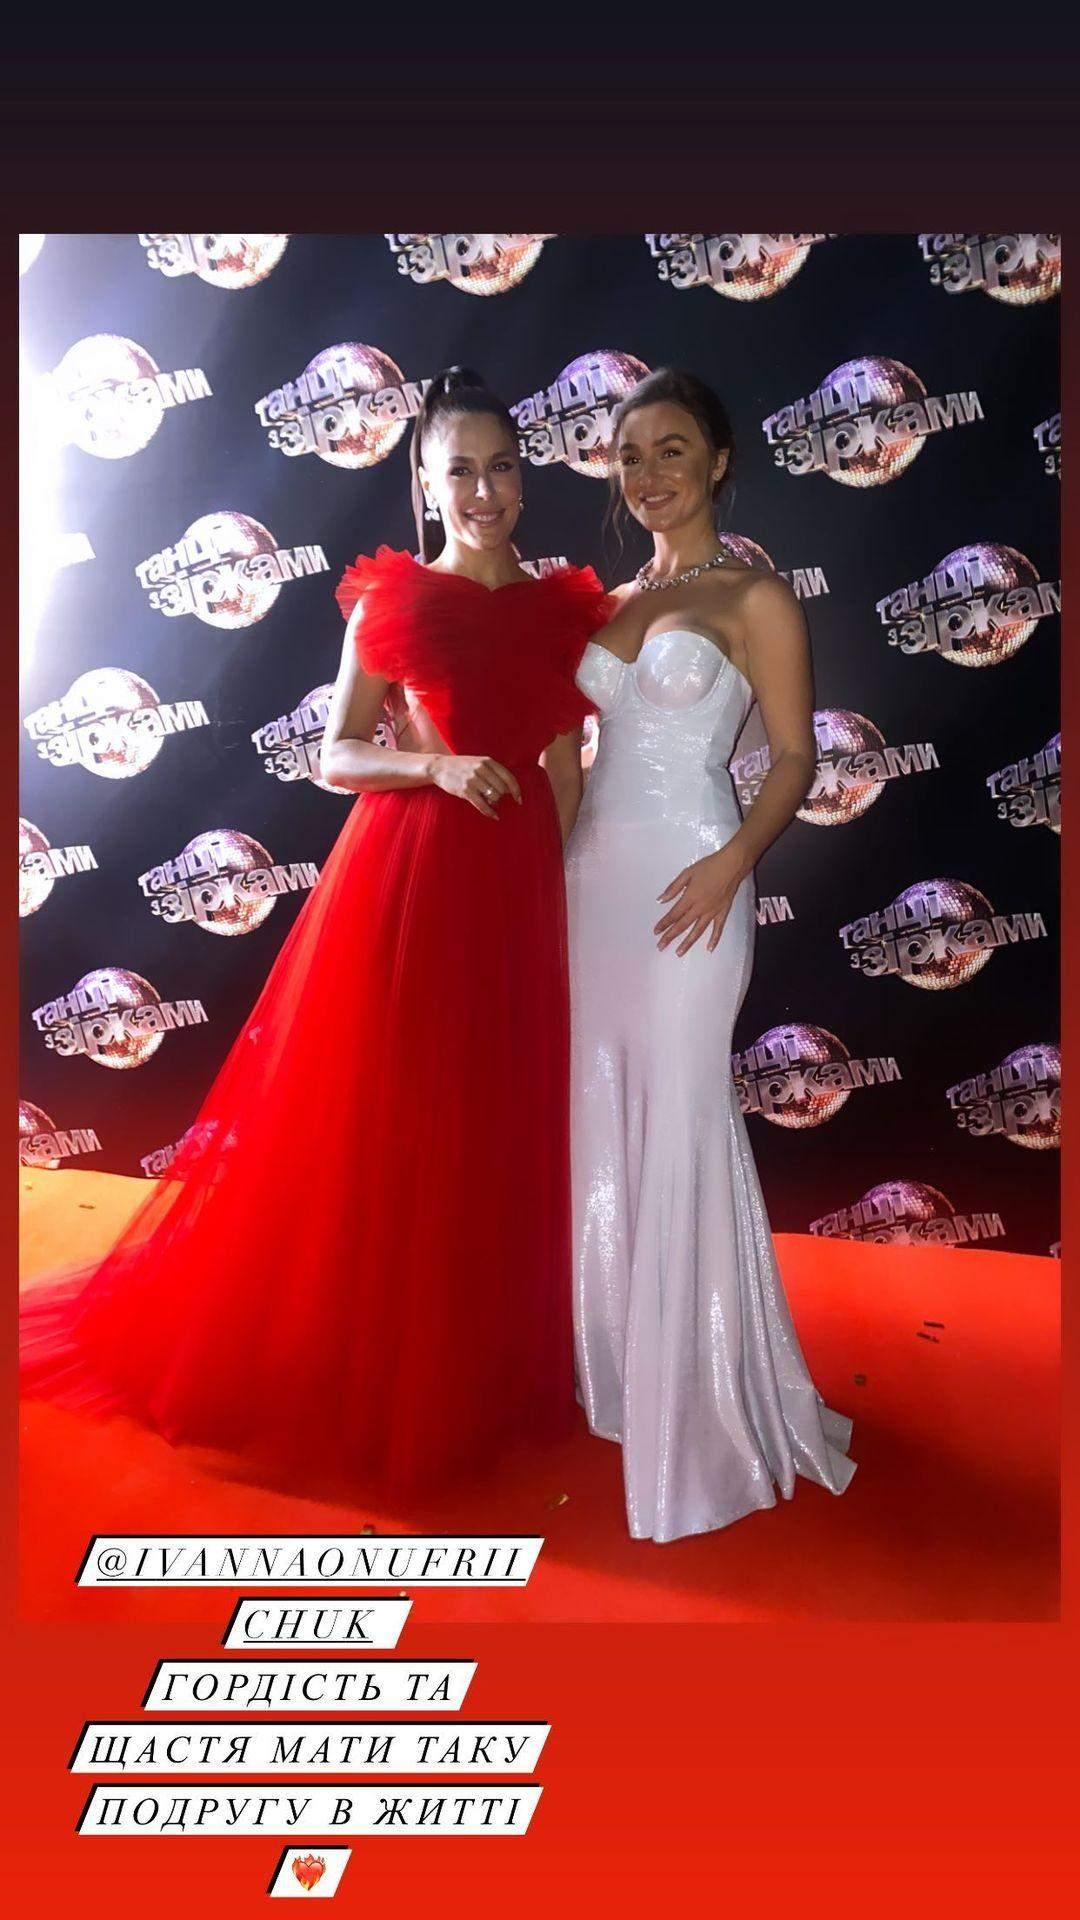 Іванна Онуфрійчук у сукні від Dior